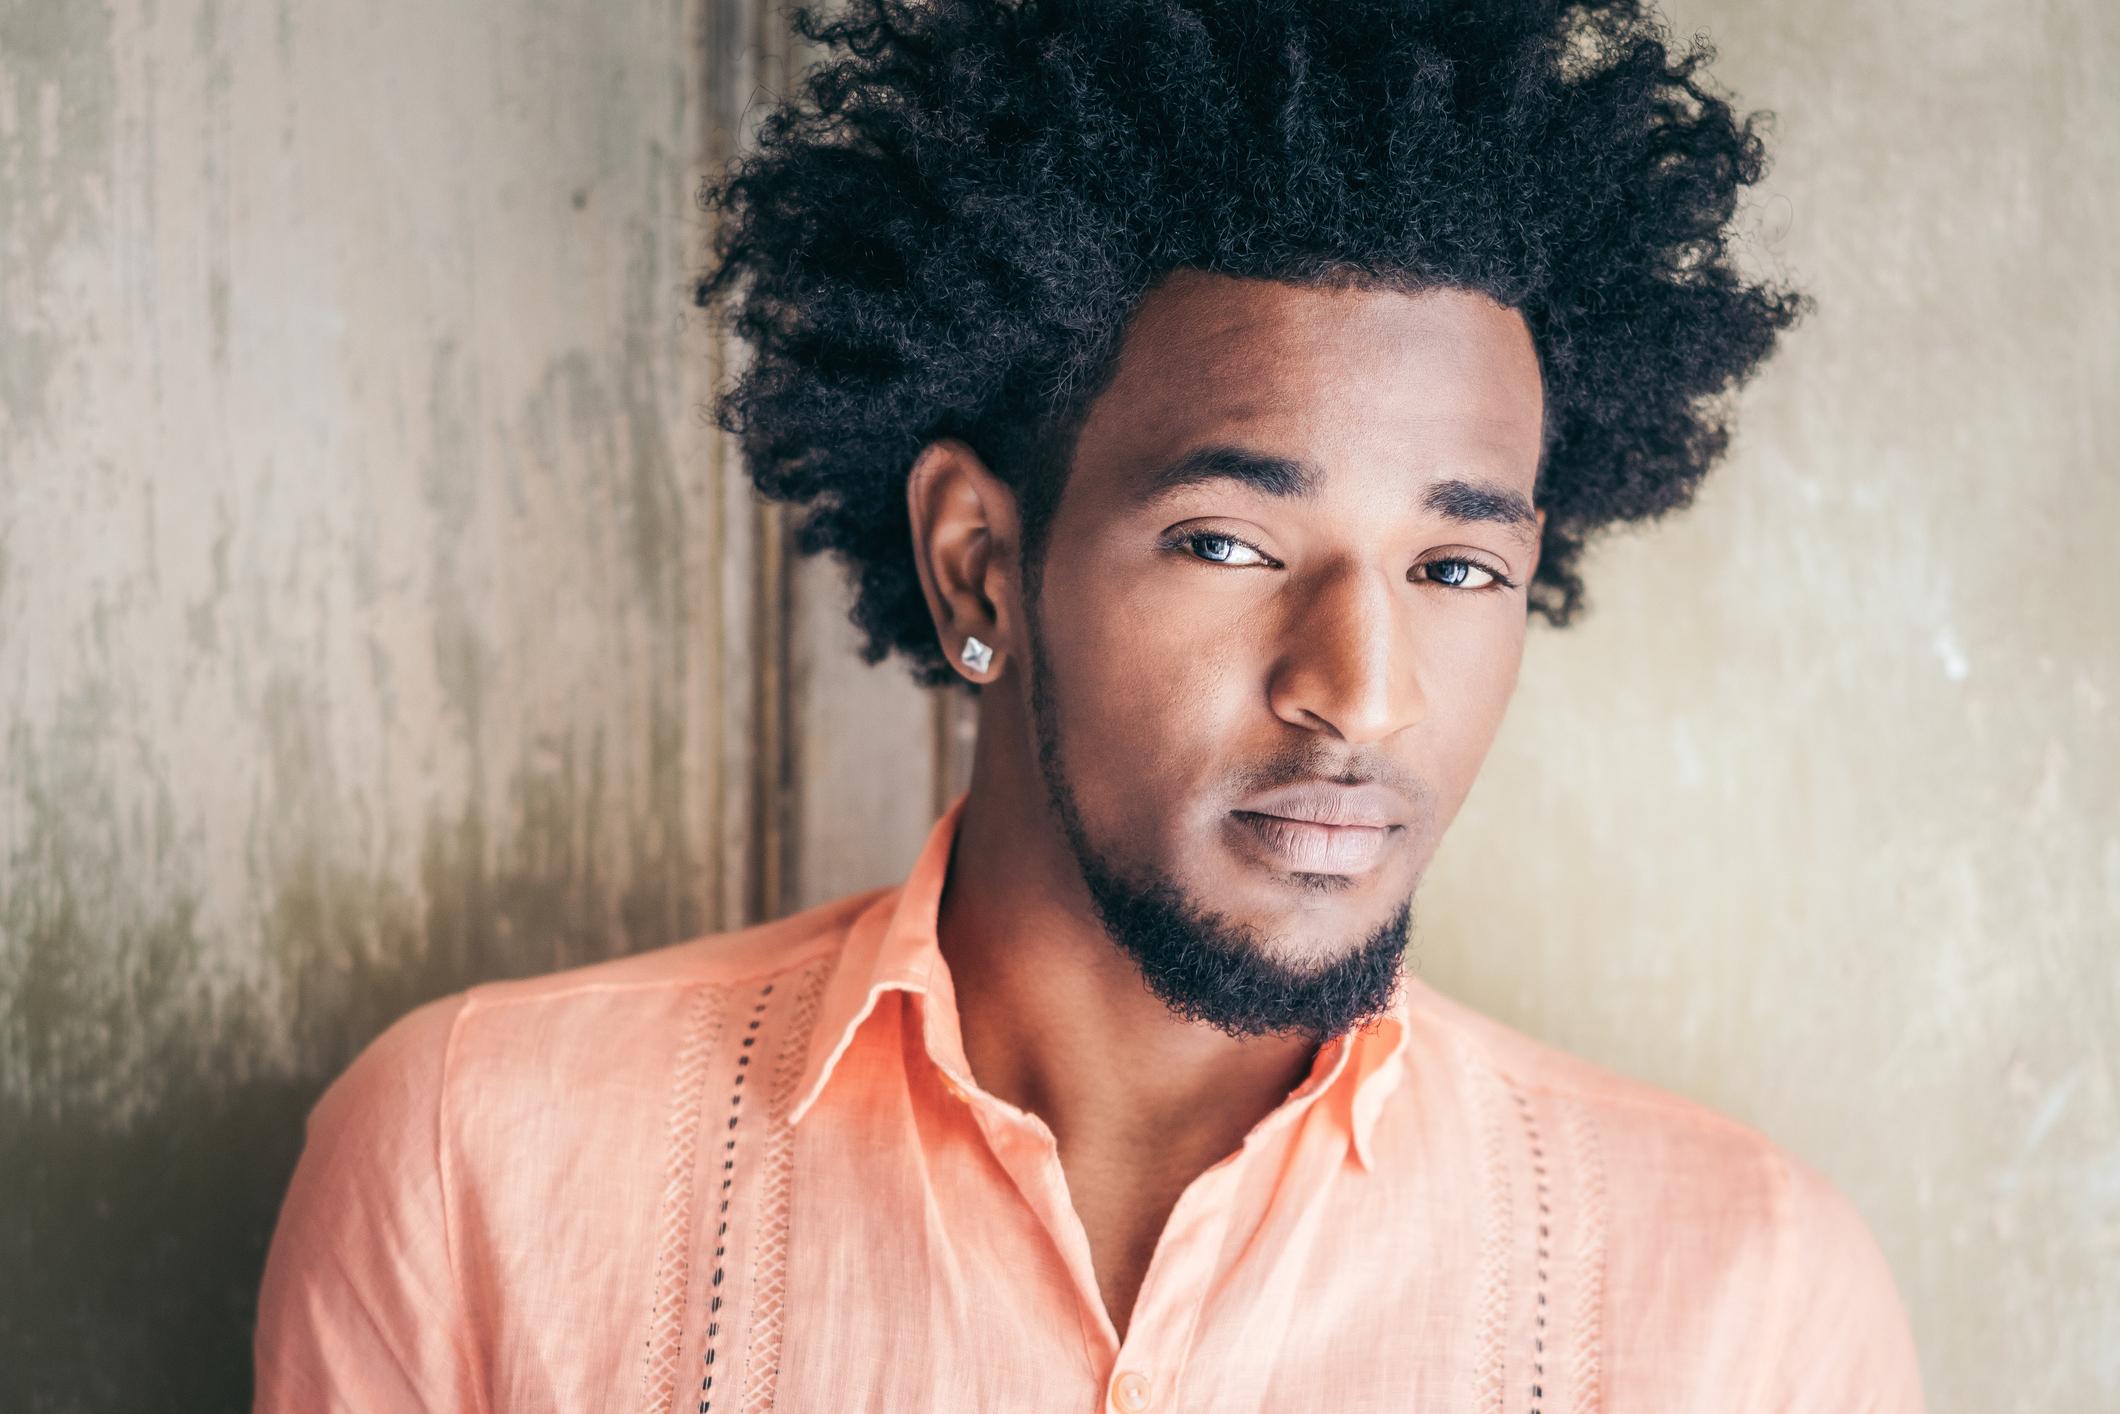 corte de cabelo afro masculino3 - Corte de cabelo afro masculino: Melhores modelos, finalização e dicas